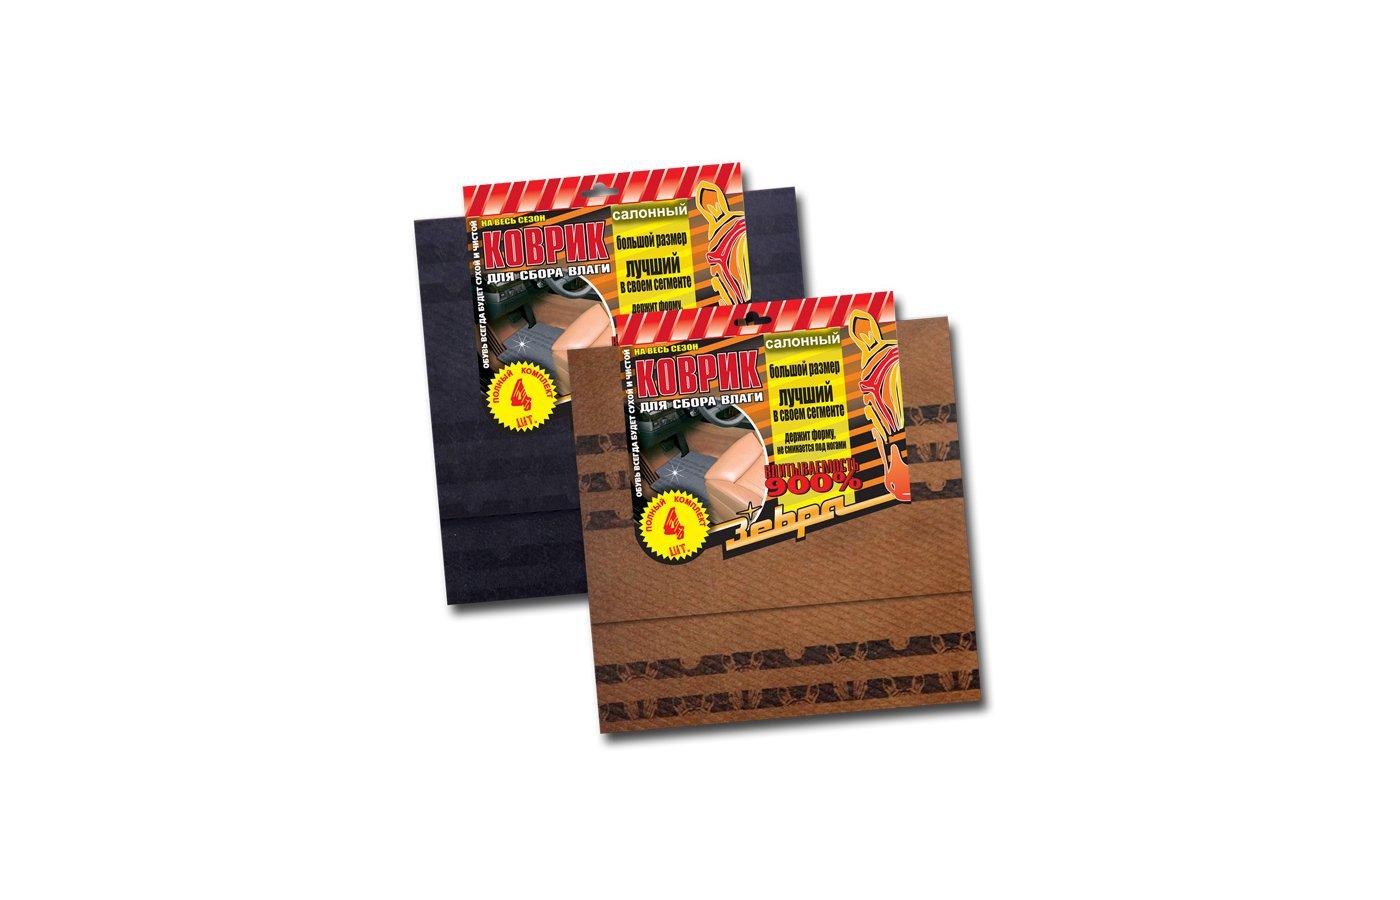 Автоковрики ЗЕБРА ТМ 1068 КОВРИК для сбора влаги внутрисалонный 4 шт 36х42 см/2шт36х28см/2шт(черн/коричн)